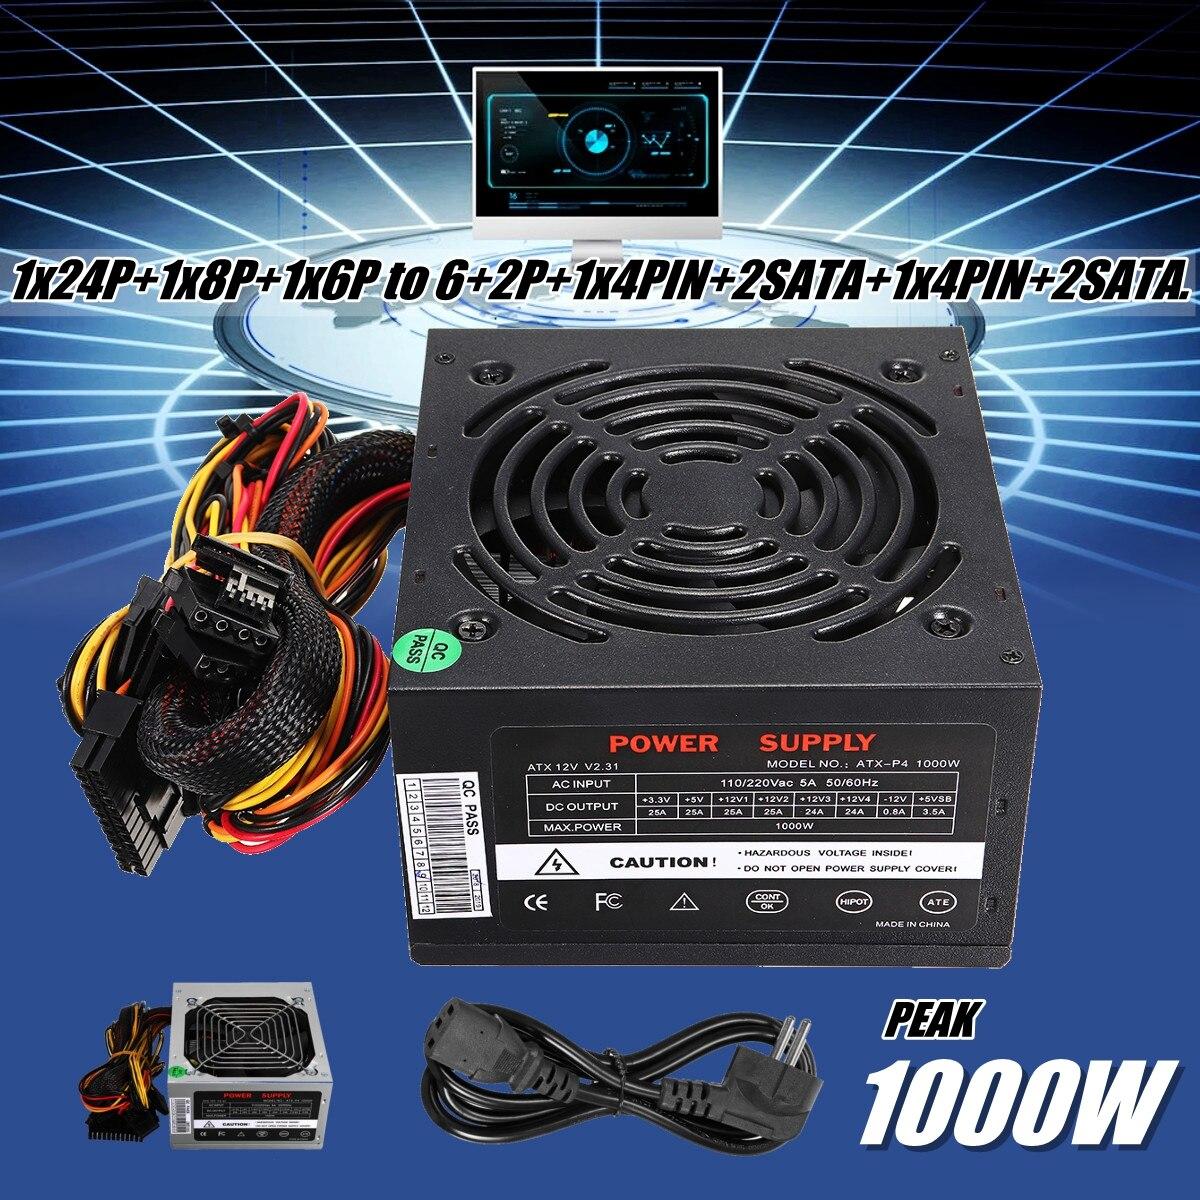 Preto 1000W PSU Fonte de ALIMENTAÇÃO PFC Ventilador Silencioso 12V PC Computador ATX 24pin SATA Gaming PC fonte de Alimentação para Intel AMD Computador